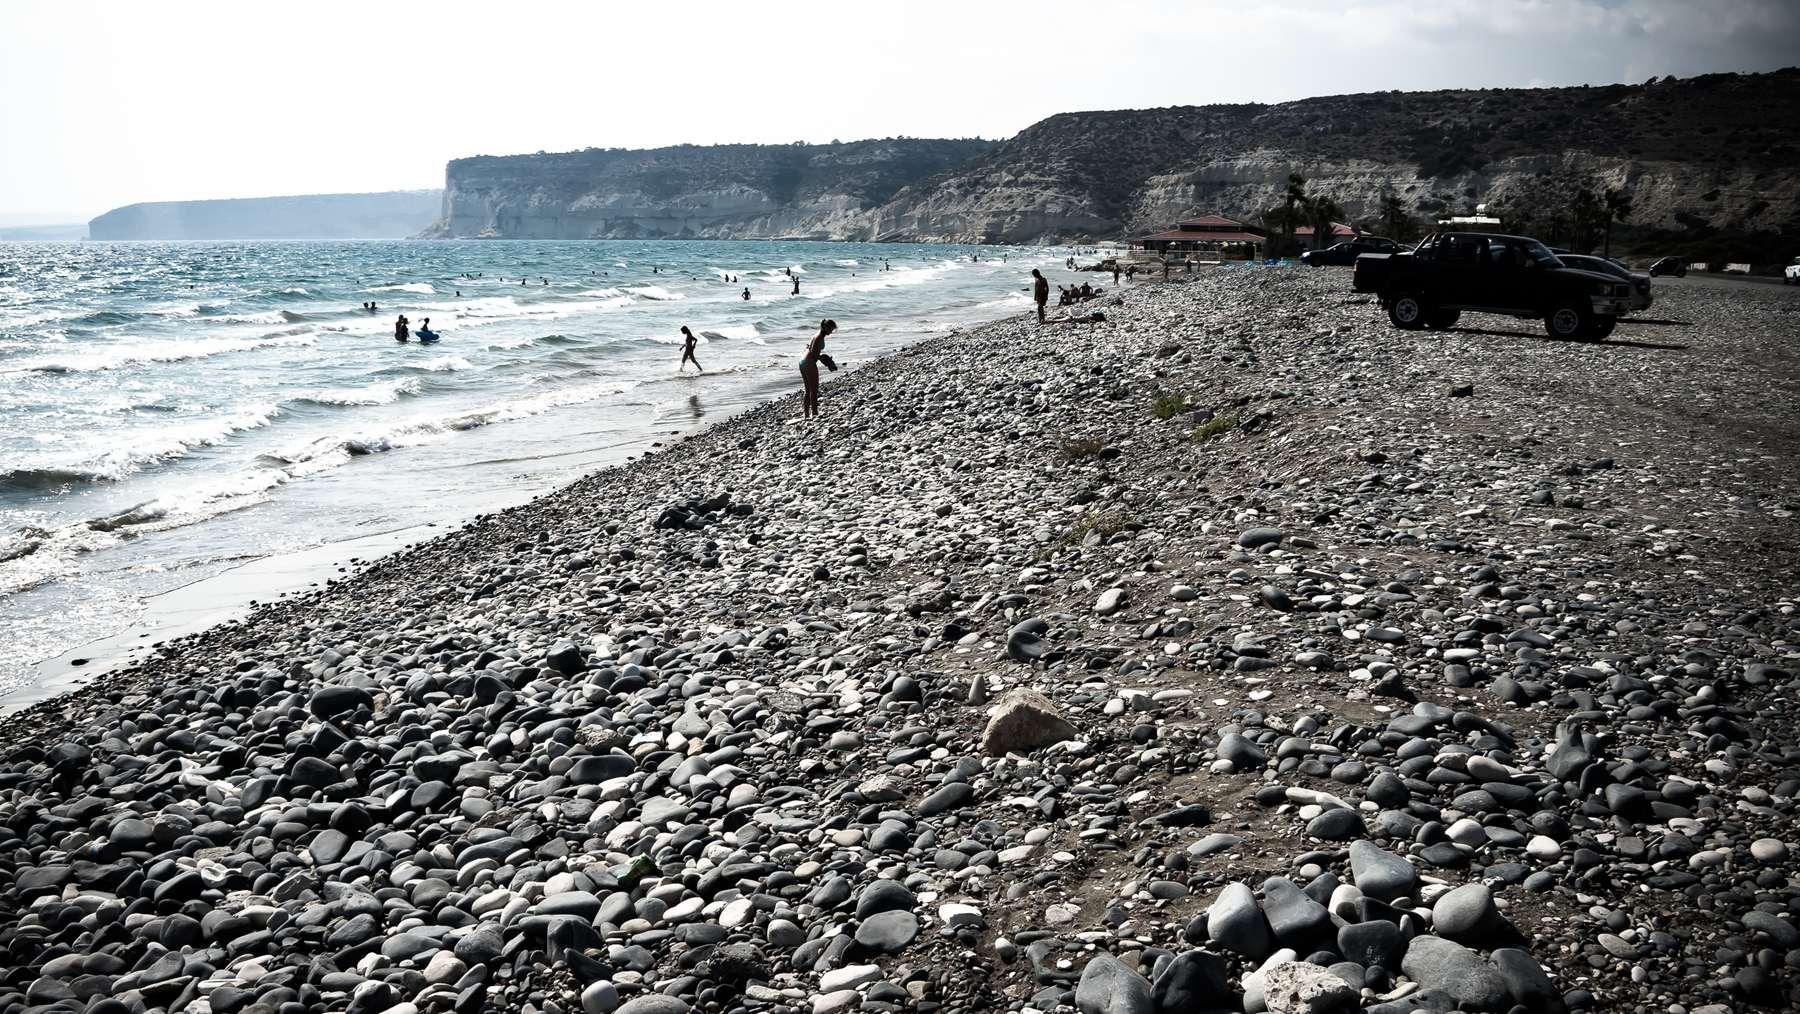 Галечная береговая полоса пляжа Курион